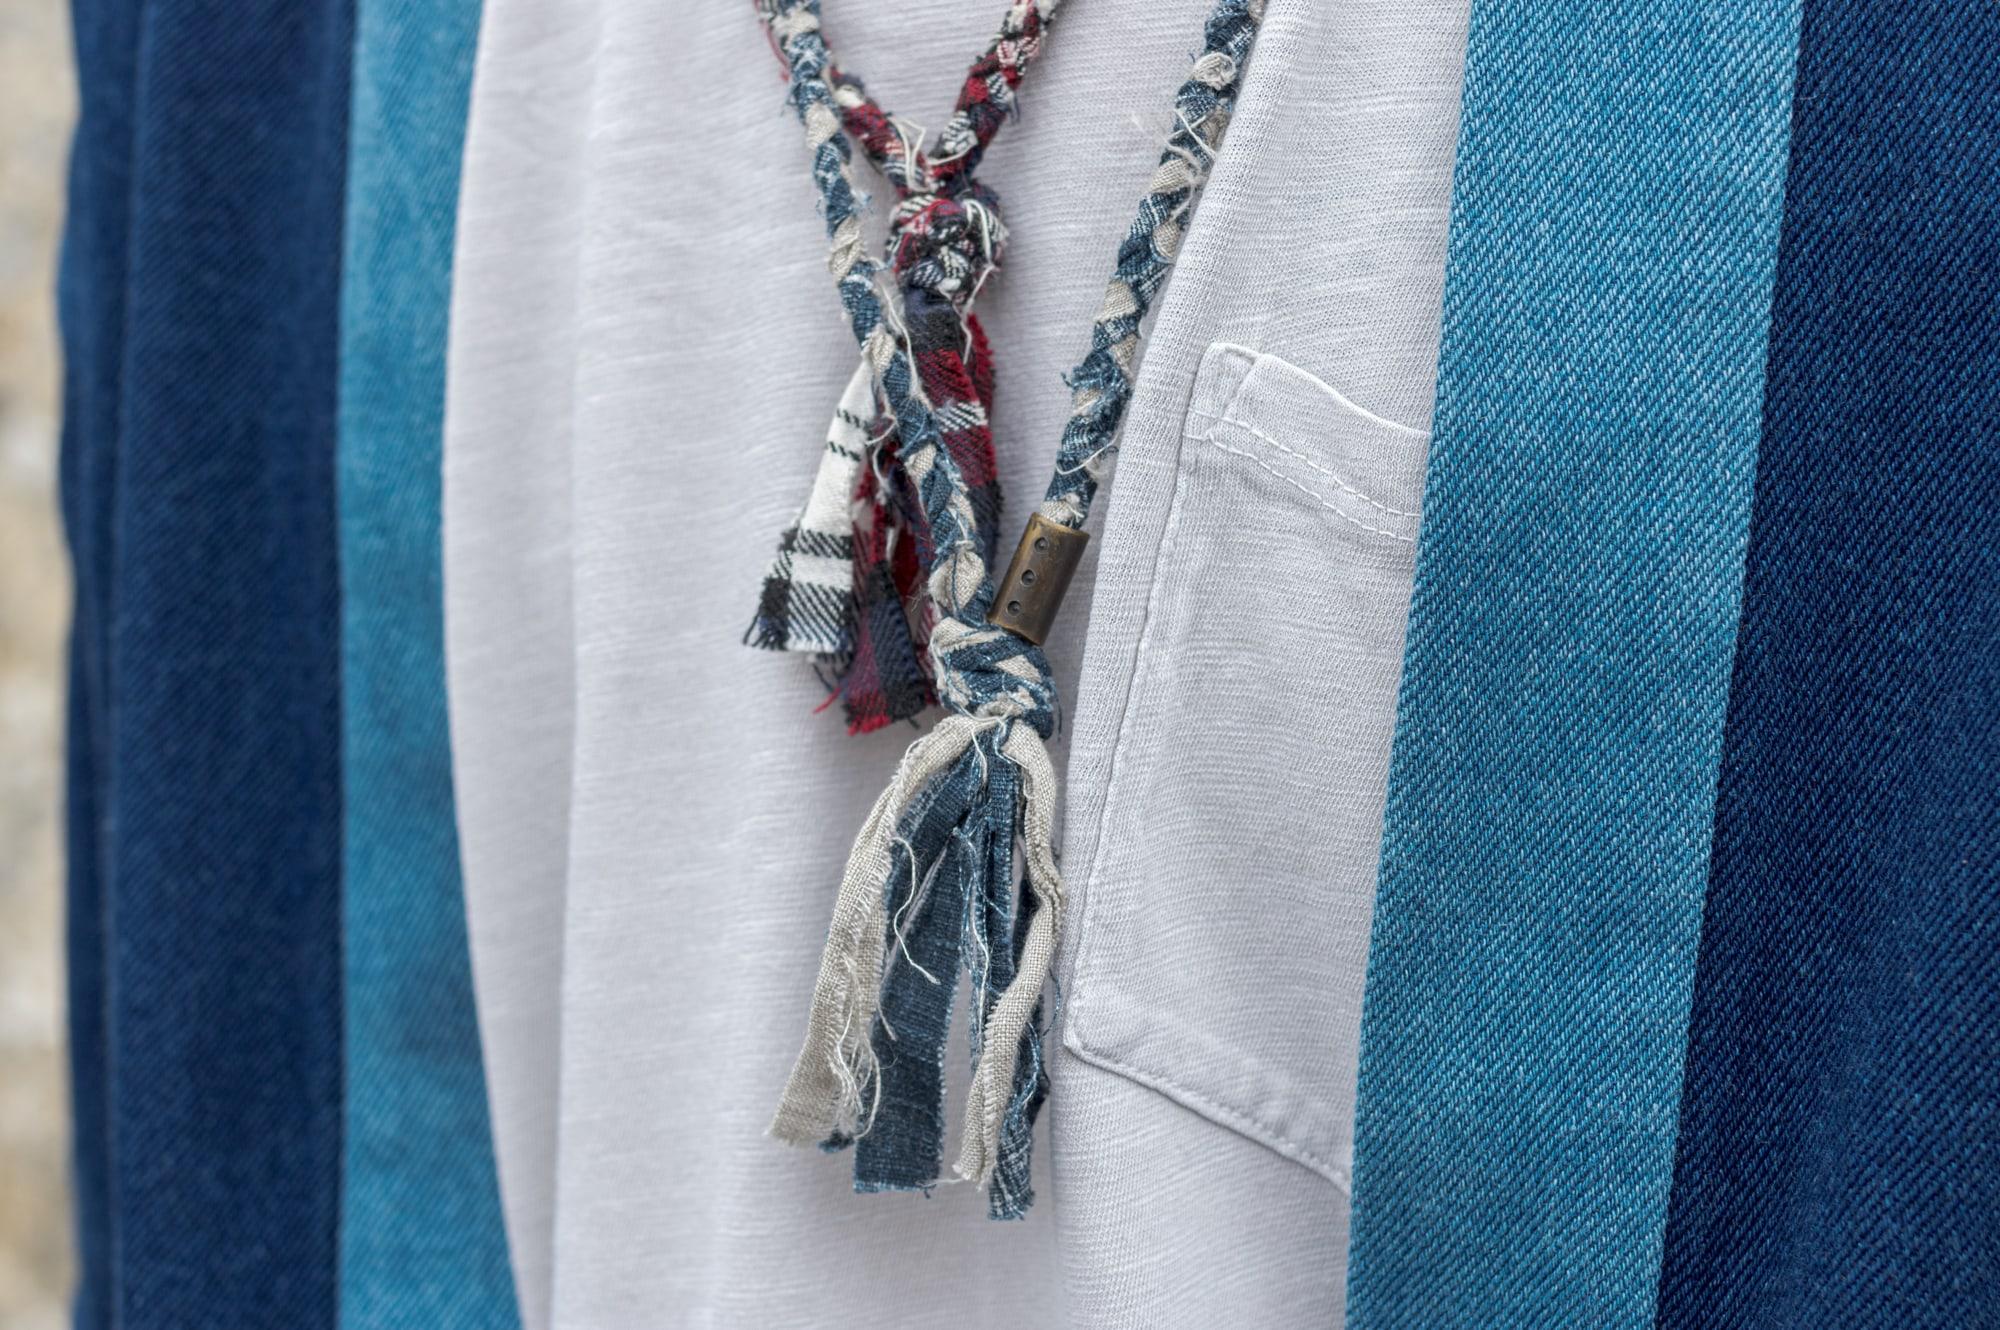 tenue style street heritage workwear d'inspiration japonaise avec une noragi Borali, un tee Gustin, un jean pure blue japan et des german army trainers de chez adidas et un collier tressé pour homme Borali